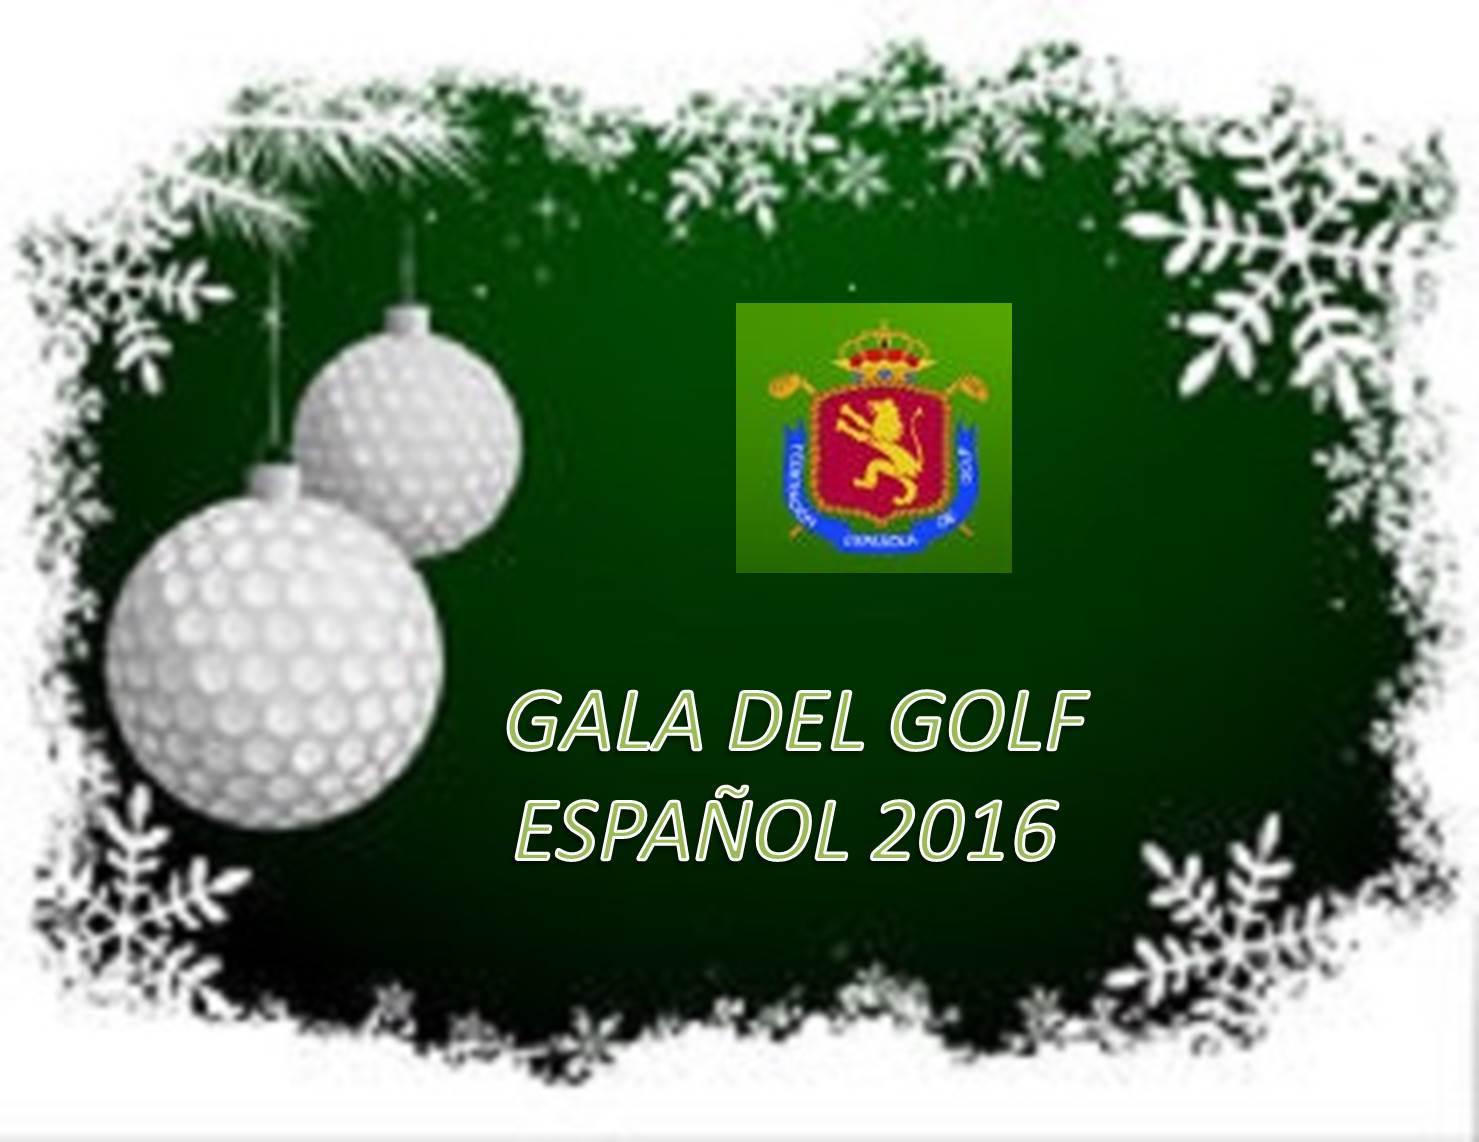 gala-del-golf-espanol-2016